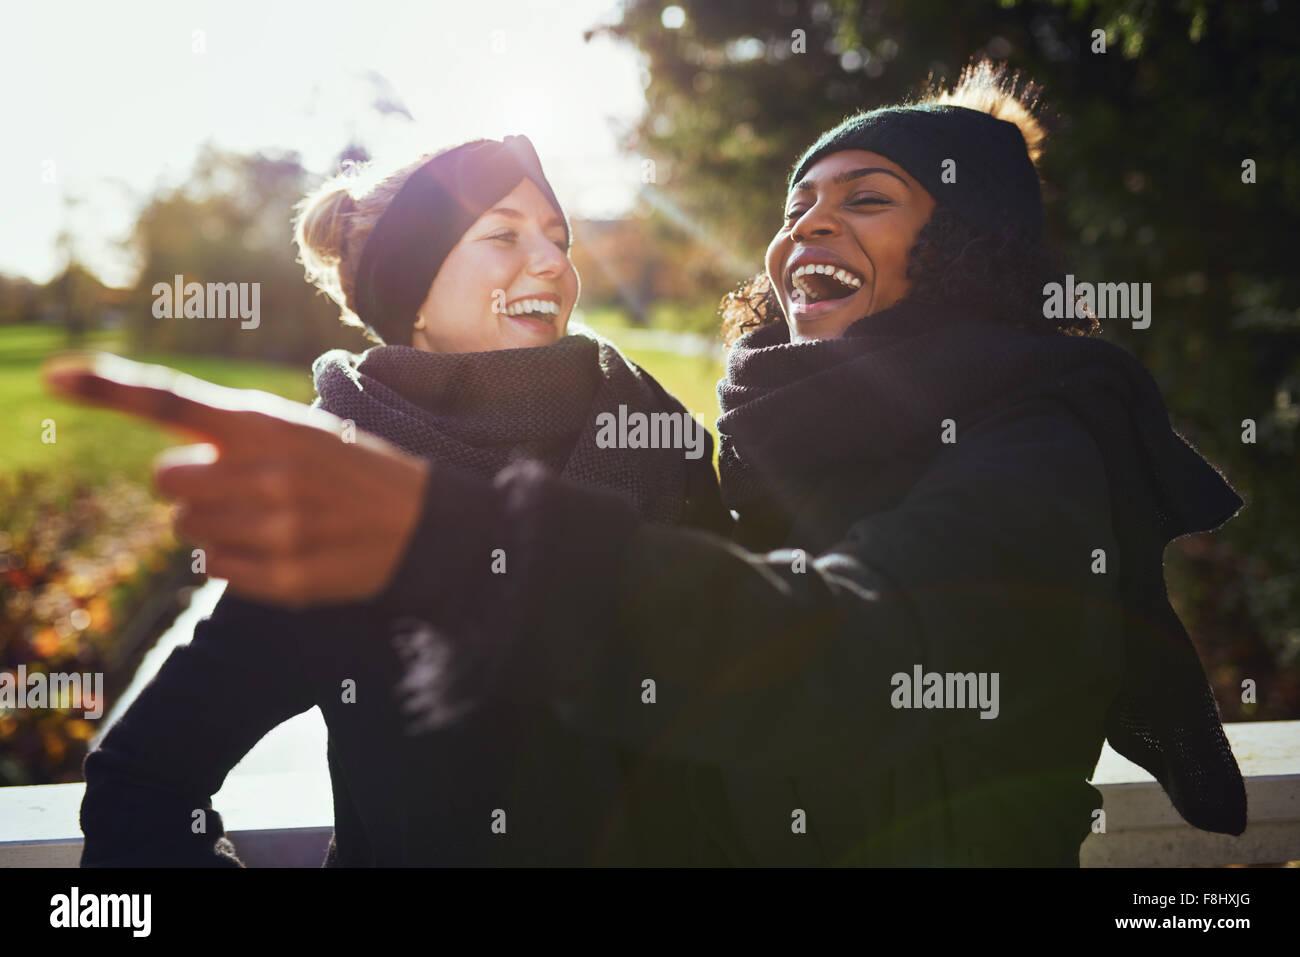 Deux femmes de rire de quelque chose tout en se tenant dans park Photo Stock